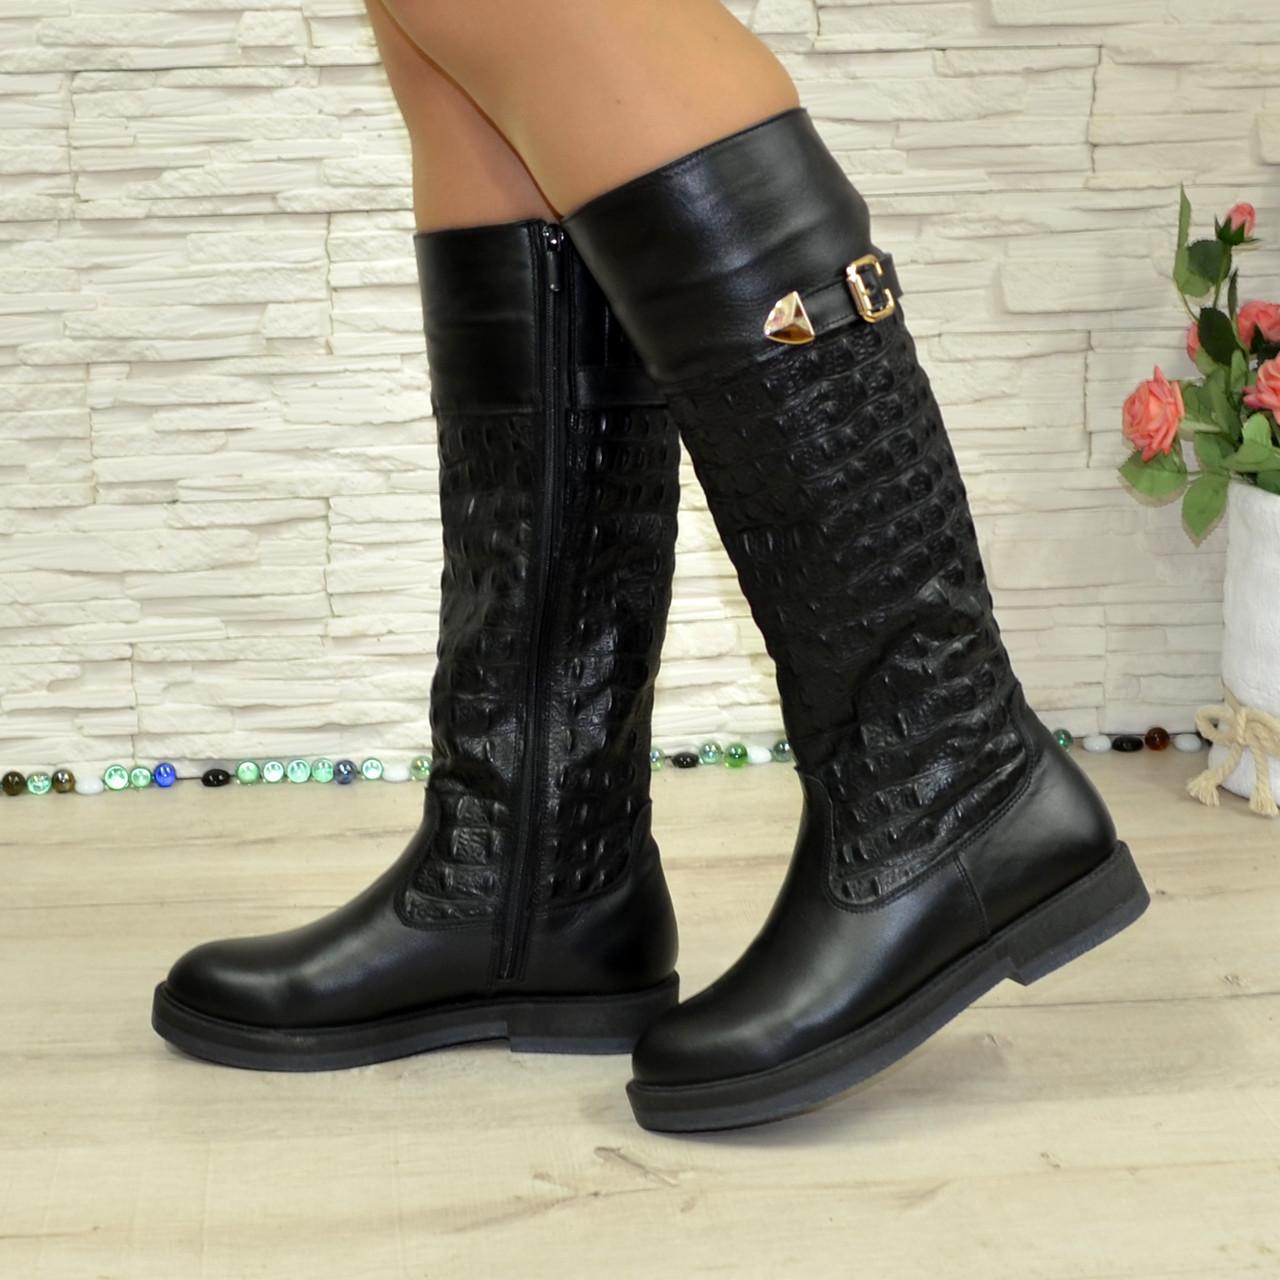 Женские зимние кожаные сапоги на низком ходу. 38 размер (2пары)